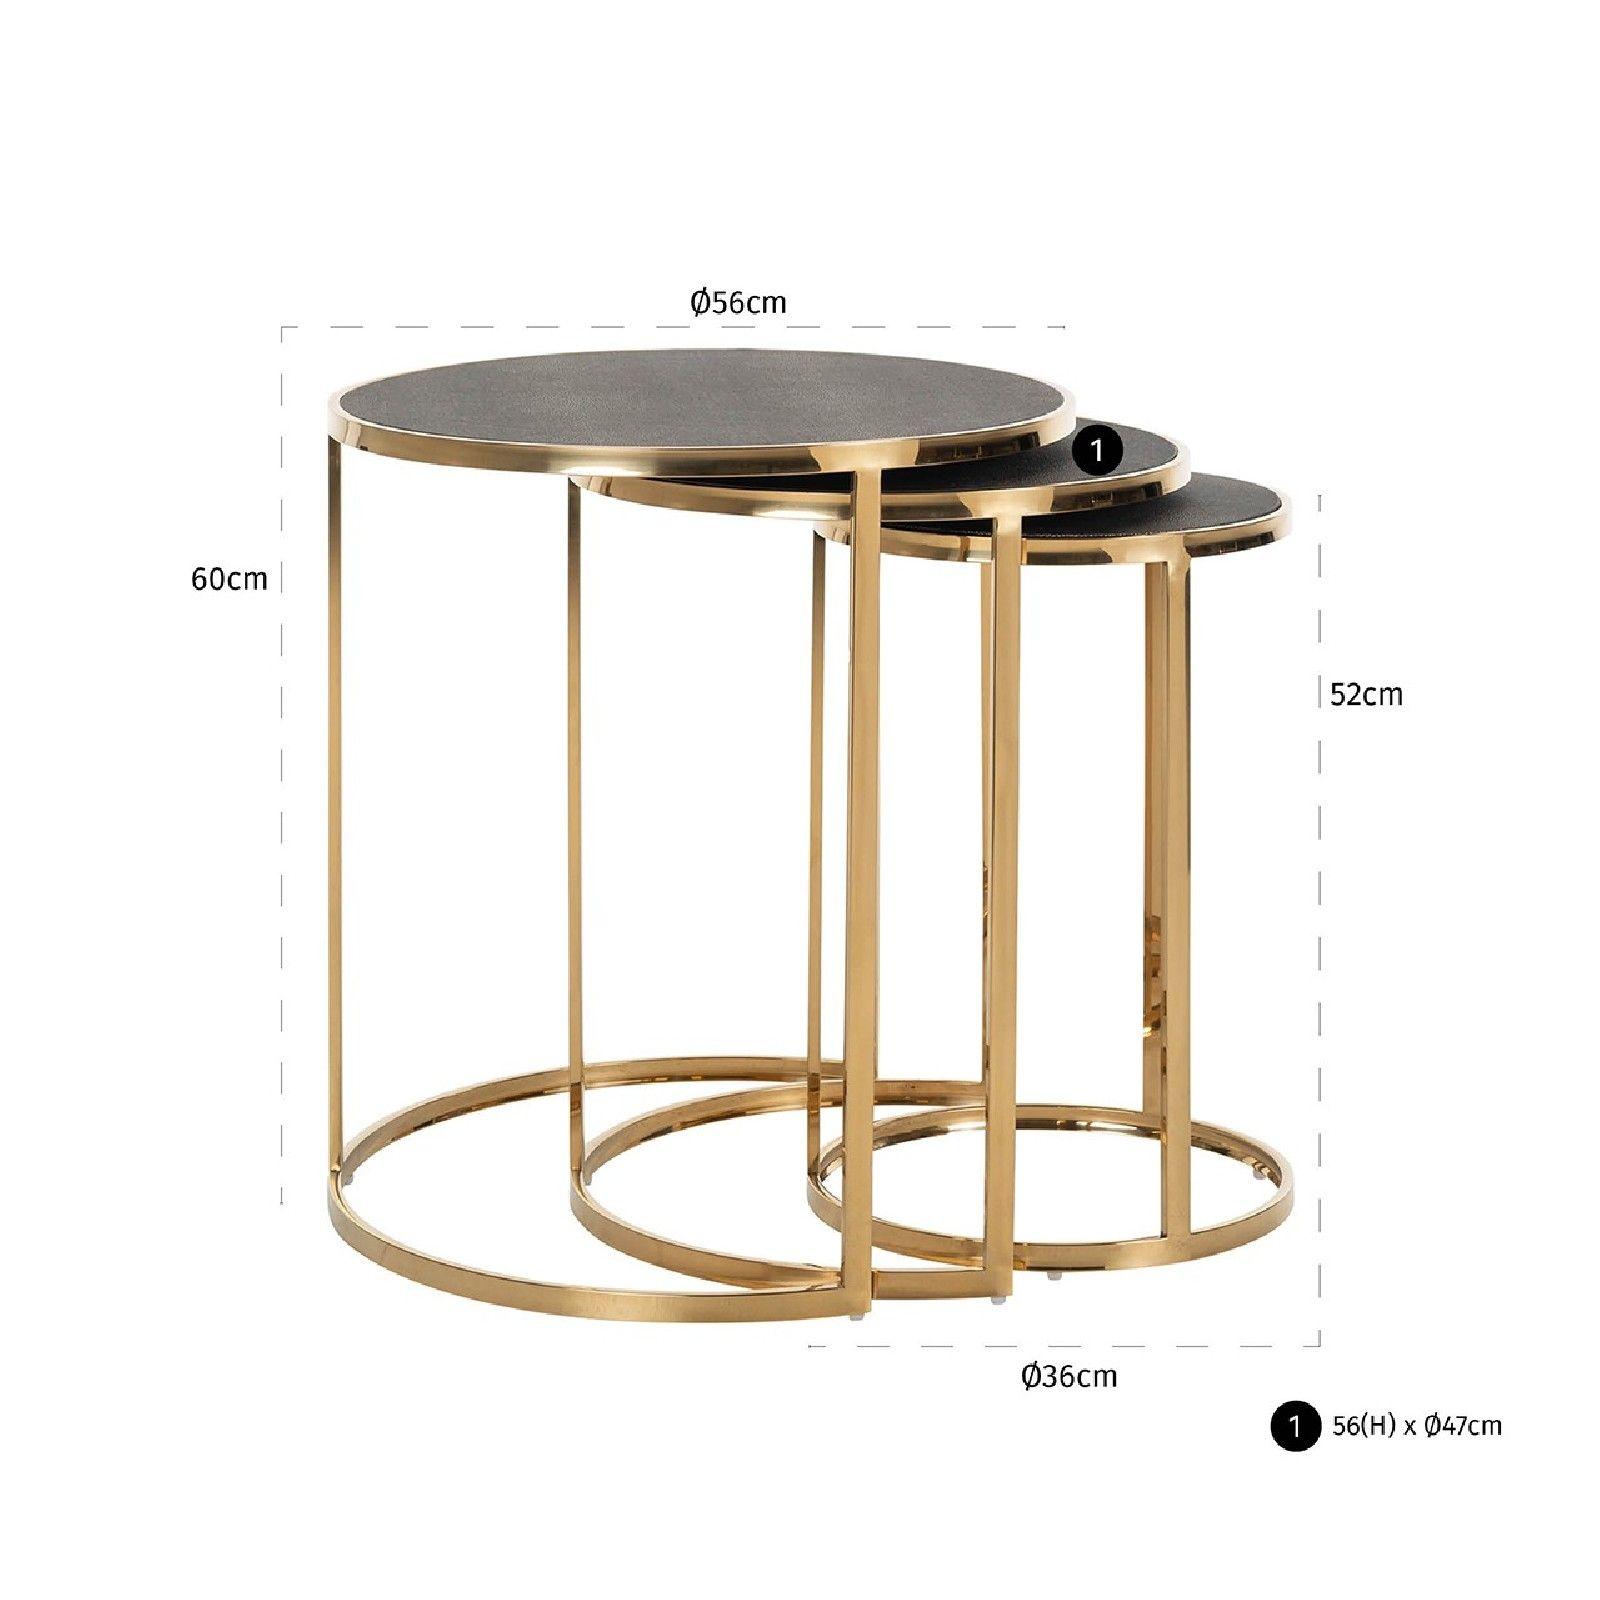 Table d'angle Calesta set de 3 rond shagreen look Meuble Déco Tendance - 629